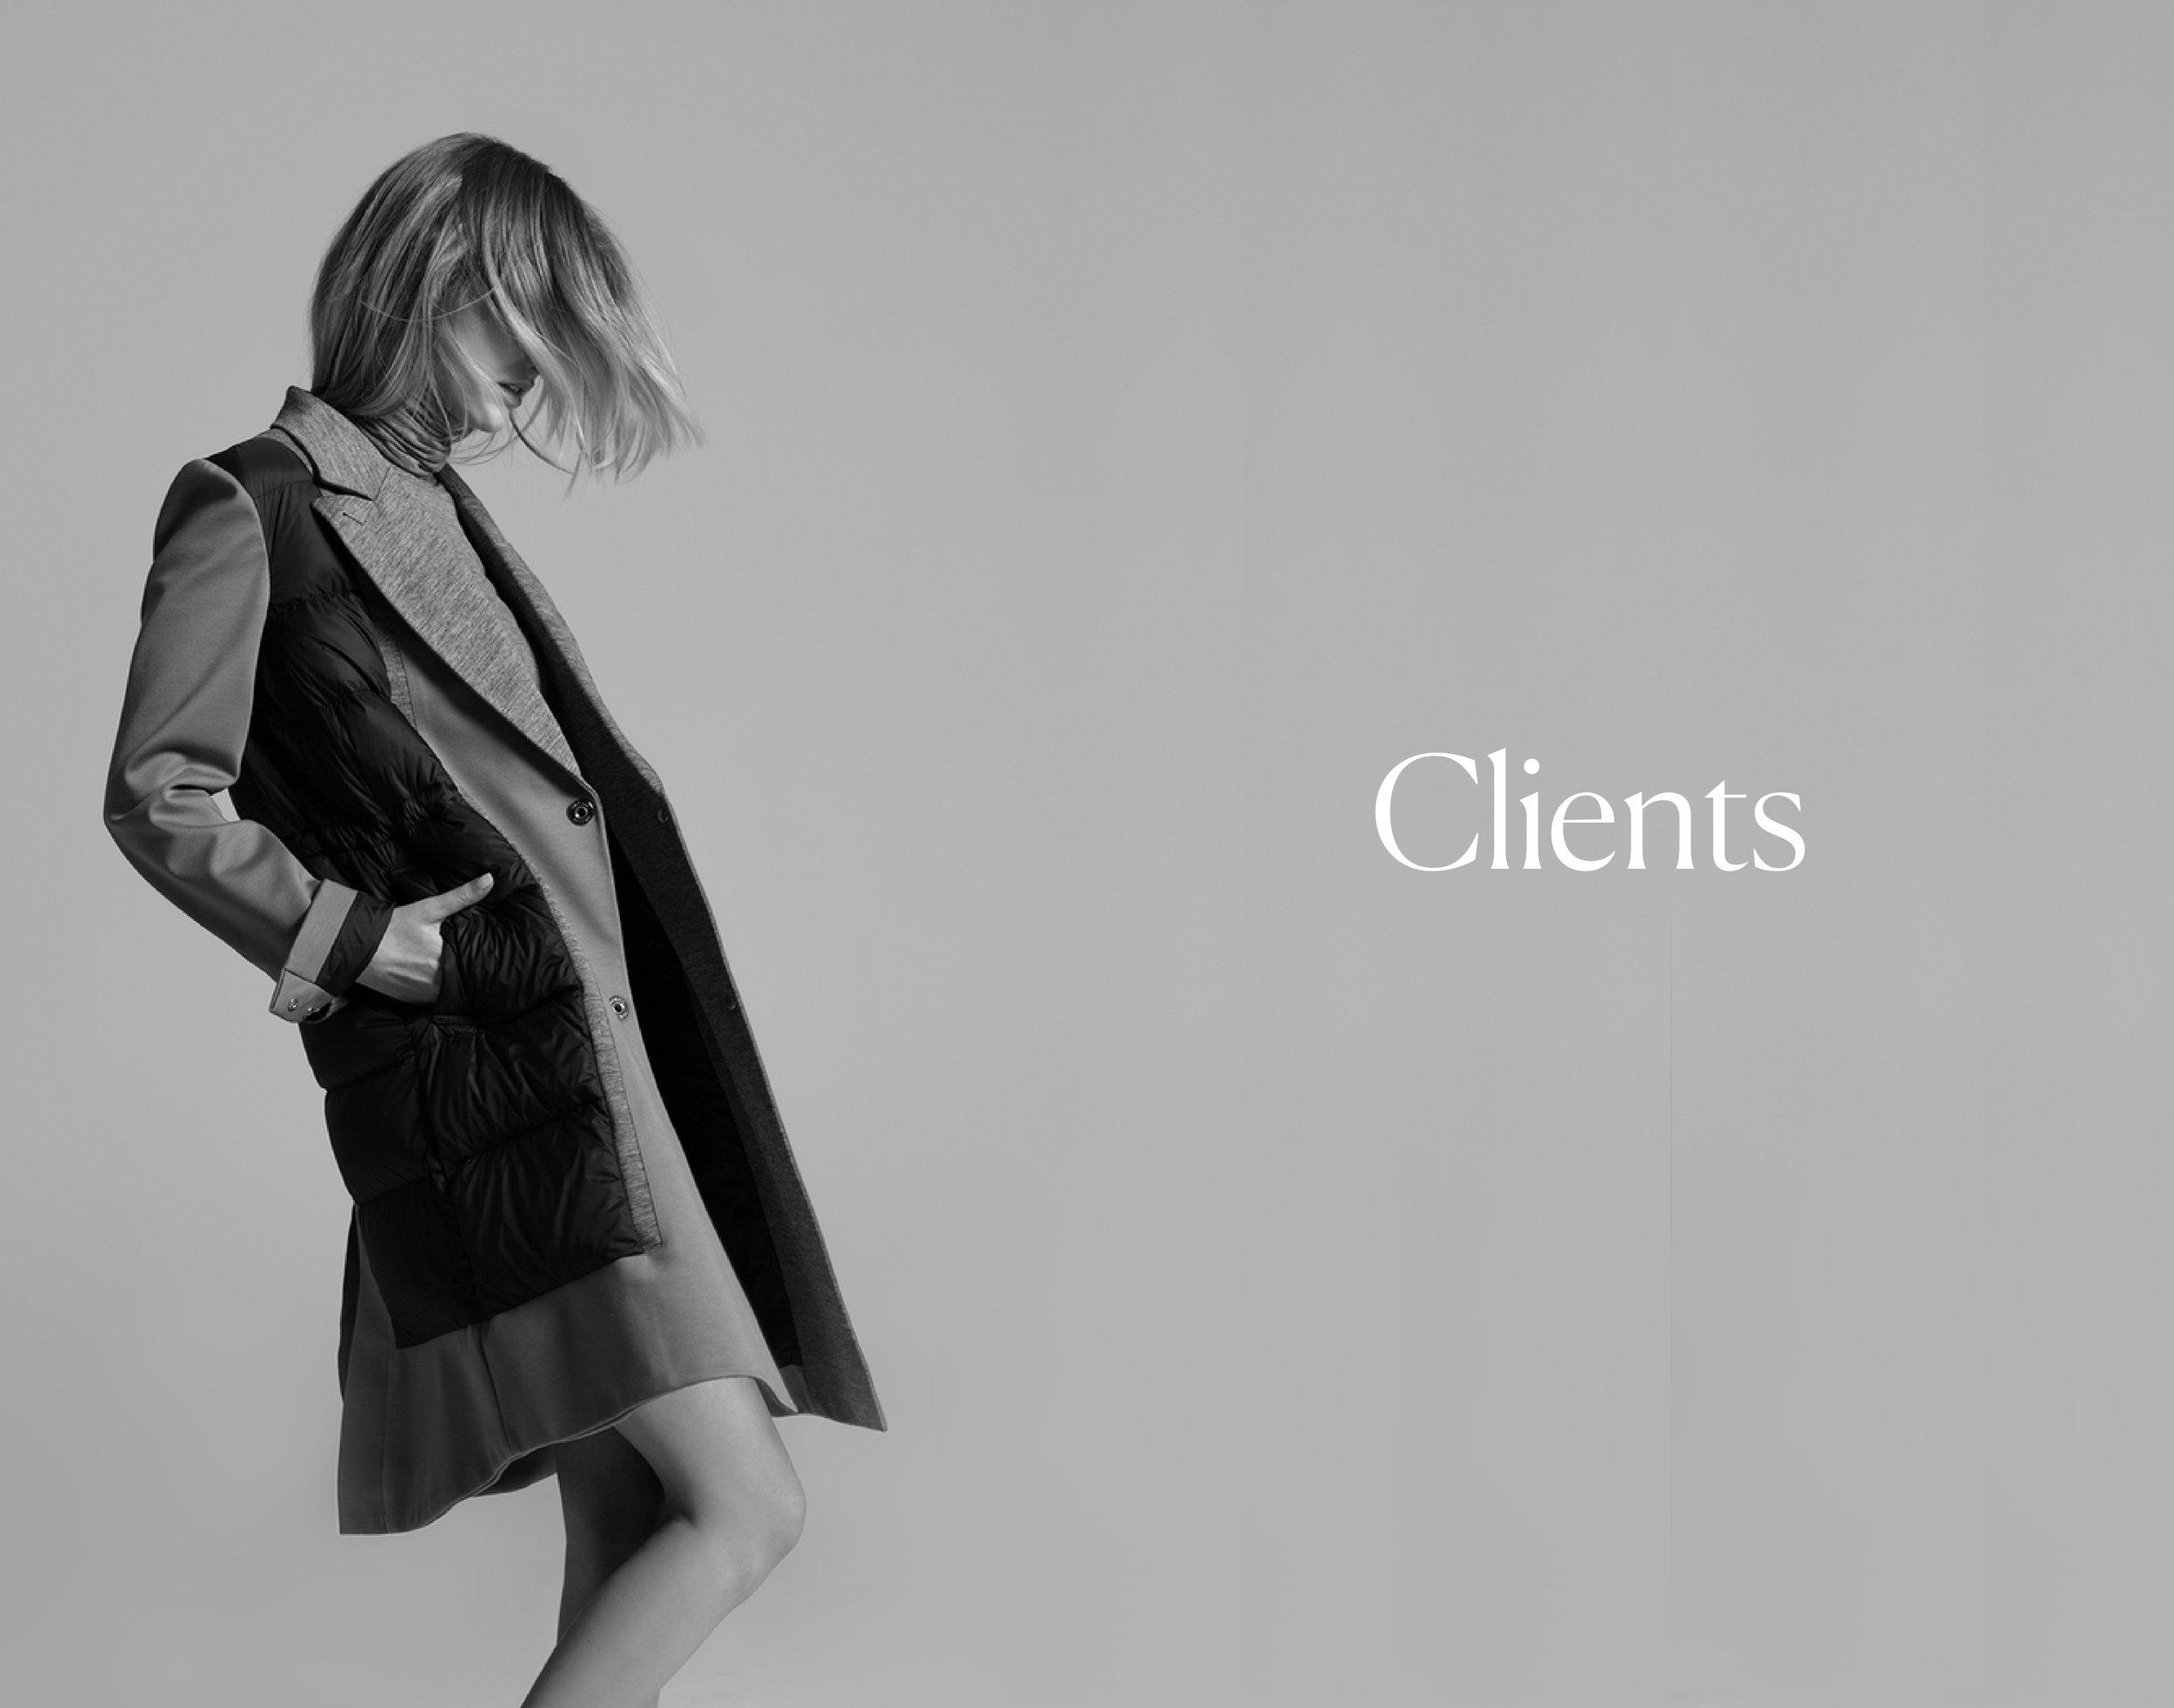 Clients - courtneychew.com